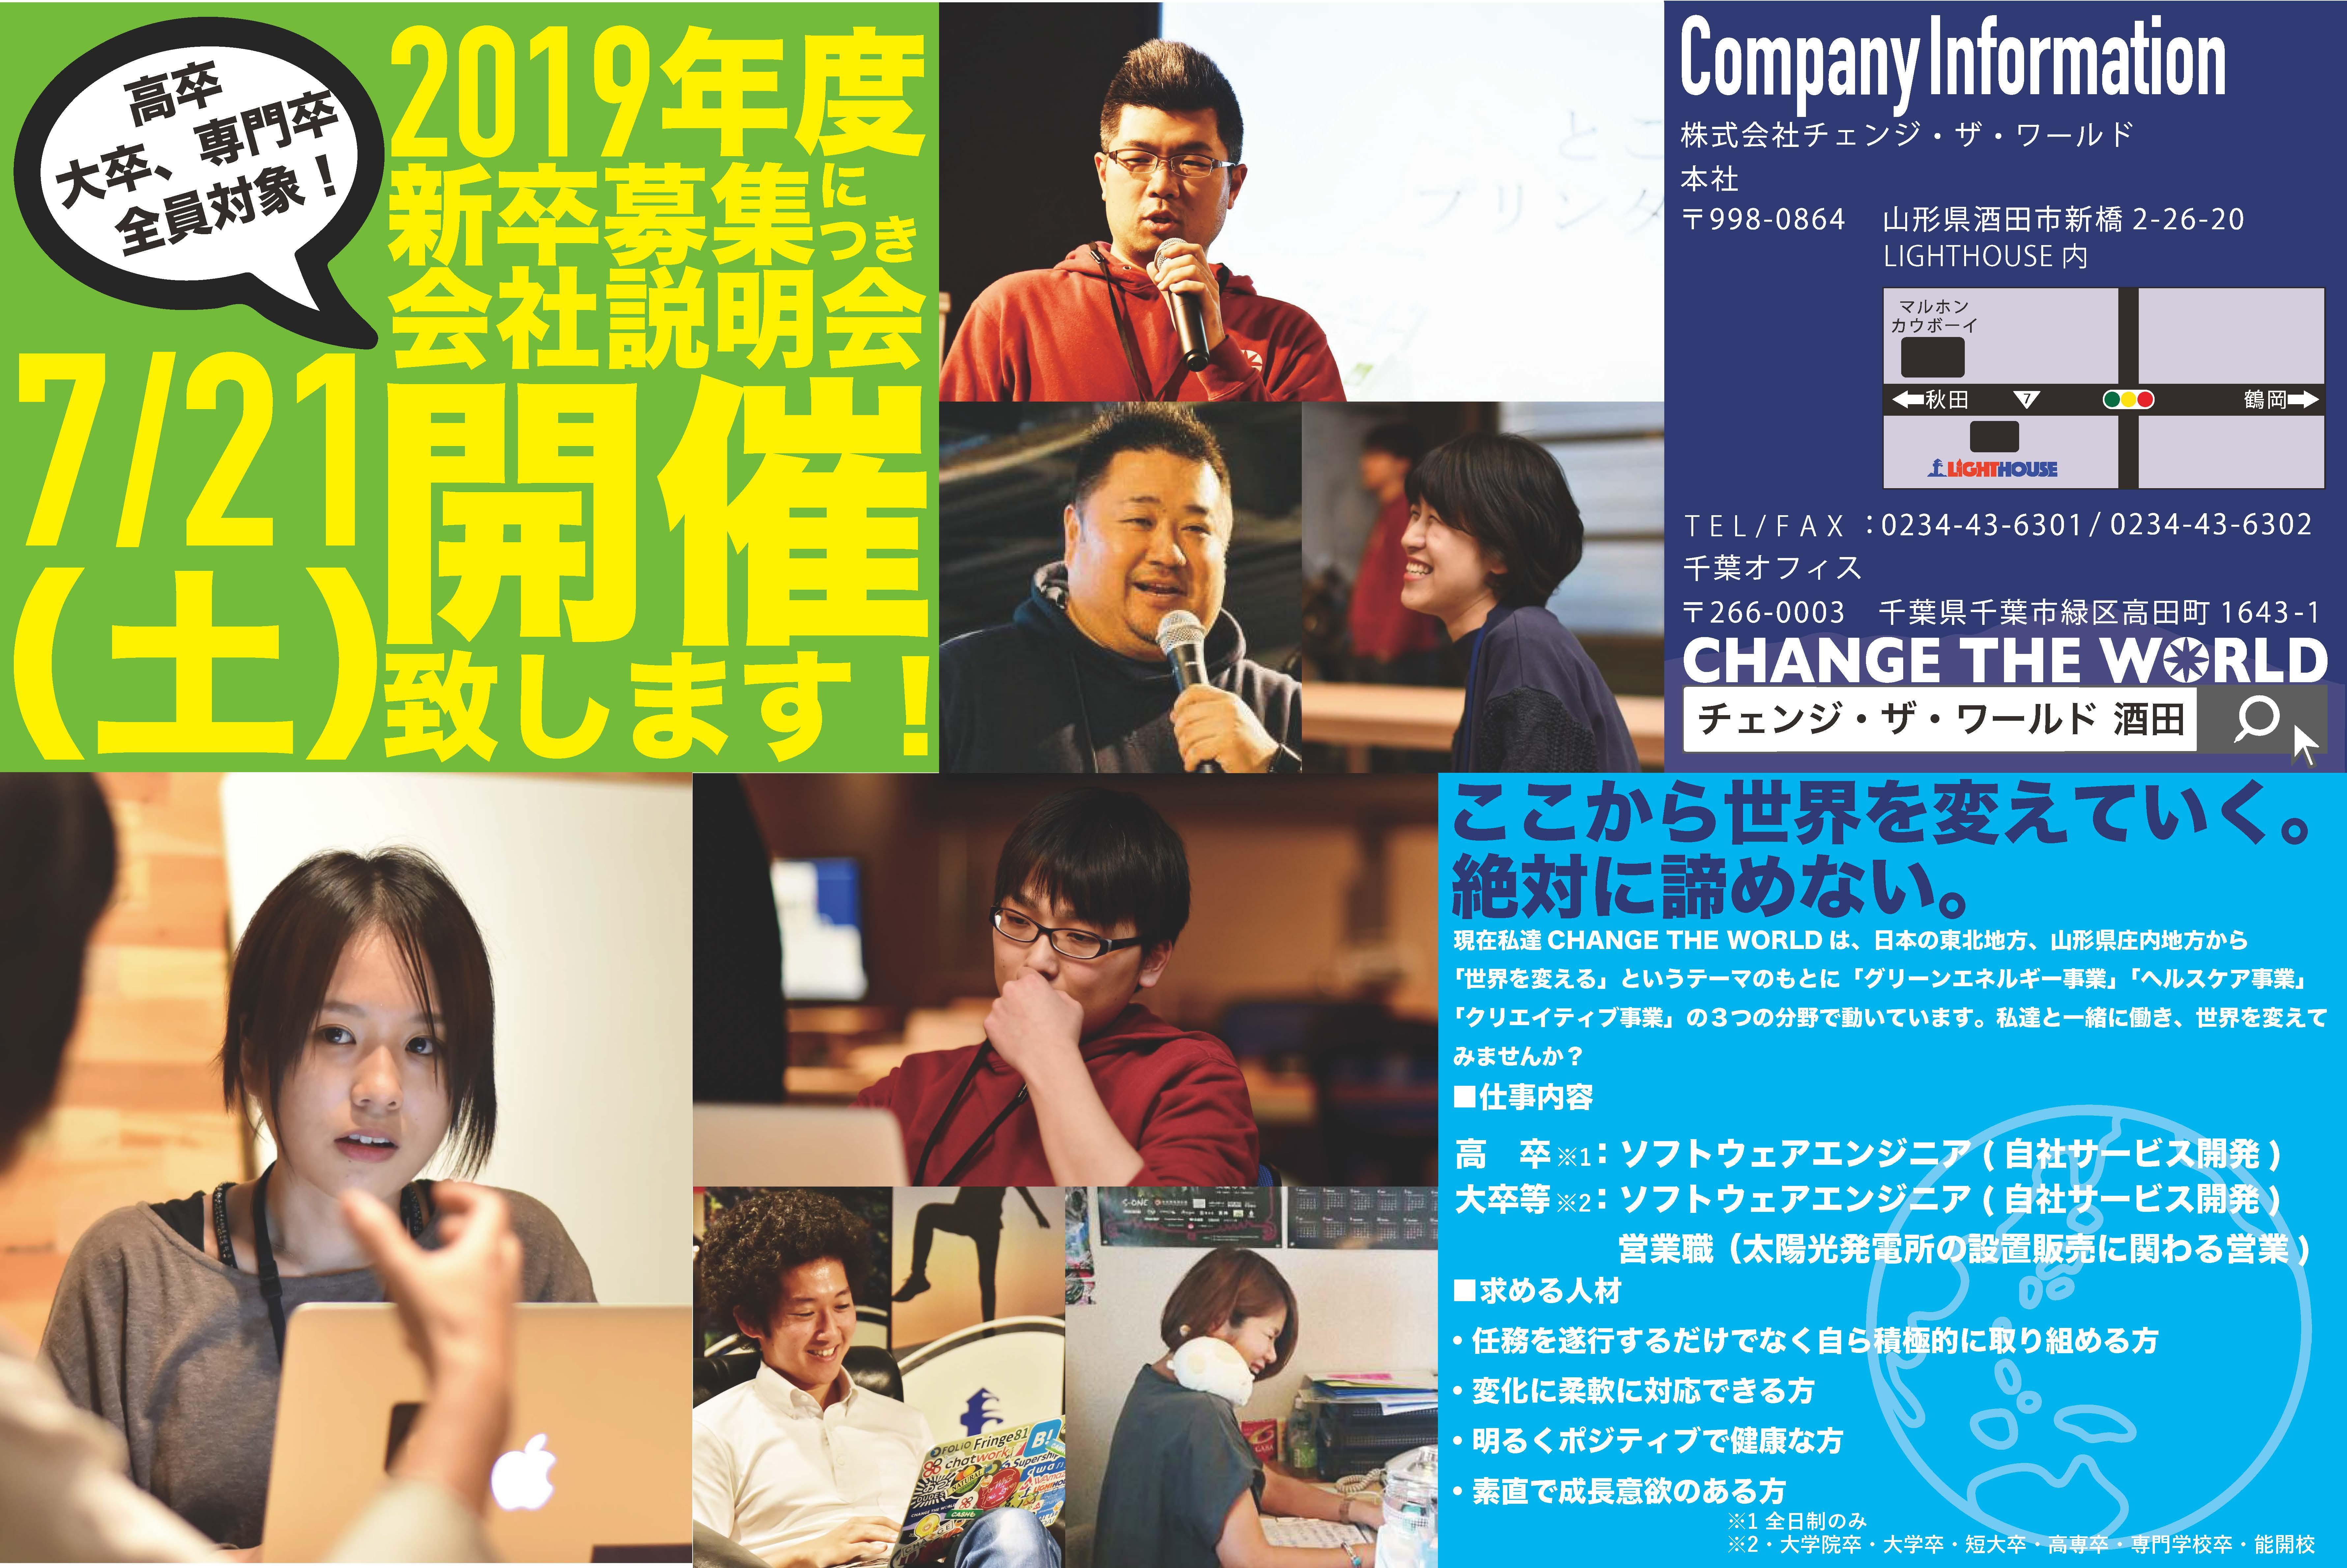 【19卒向け】7/21企業説明会を実施します